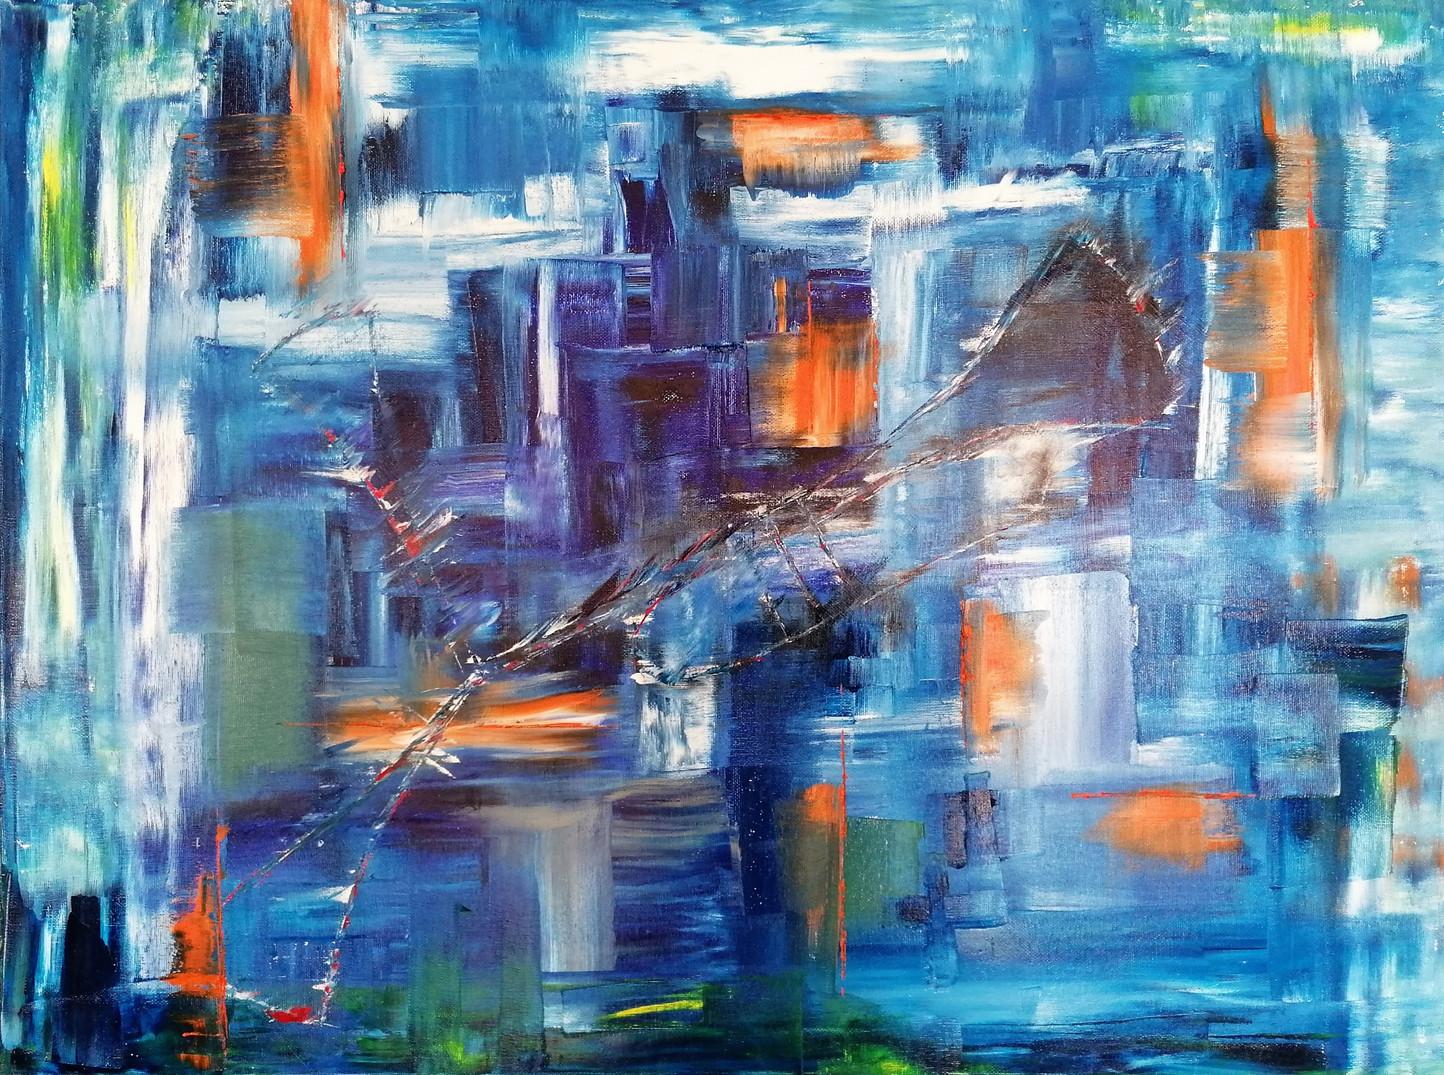 'Kind of Blue'